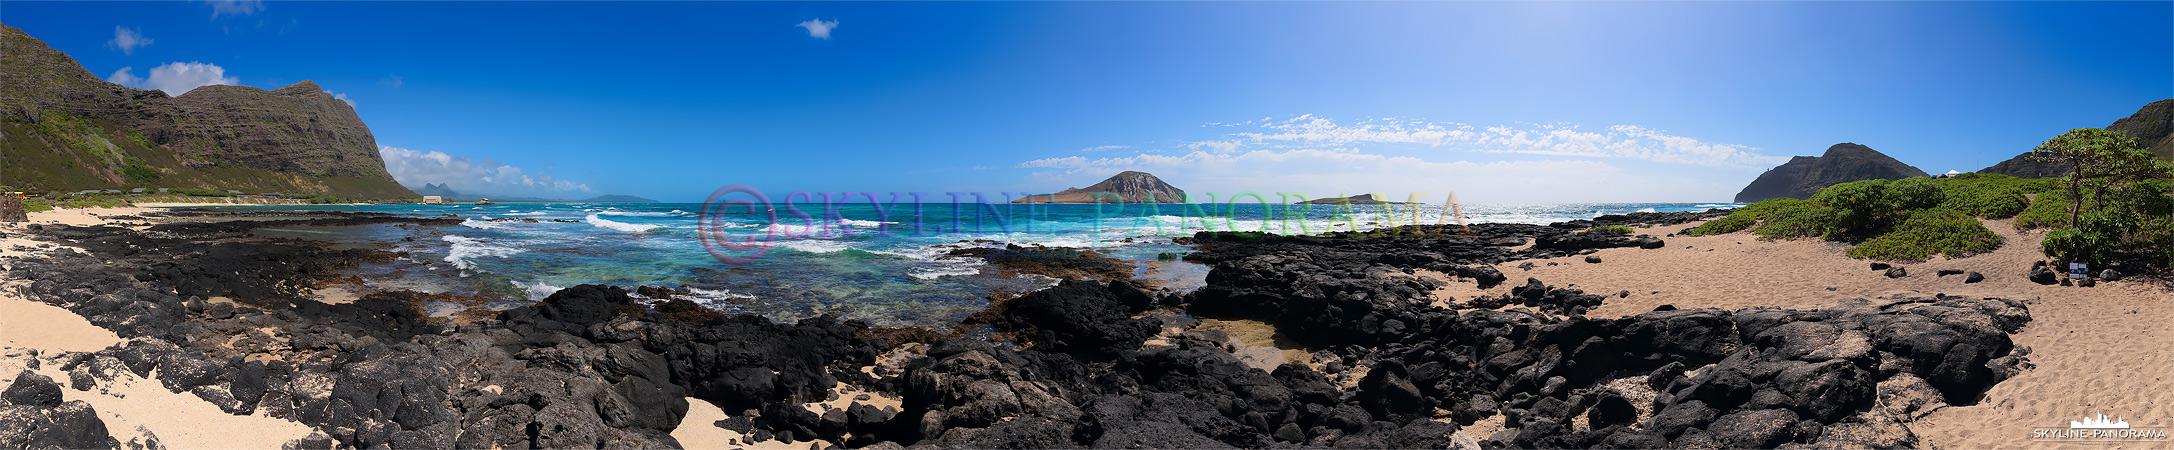 Panorama des Waimanalo Beach im Osten der Insel Oahu/ Hawaii. Gut zu erkennen sind die schwarzen Lavasteine, die hier großflächig verteilt liegen.